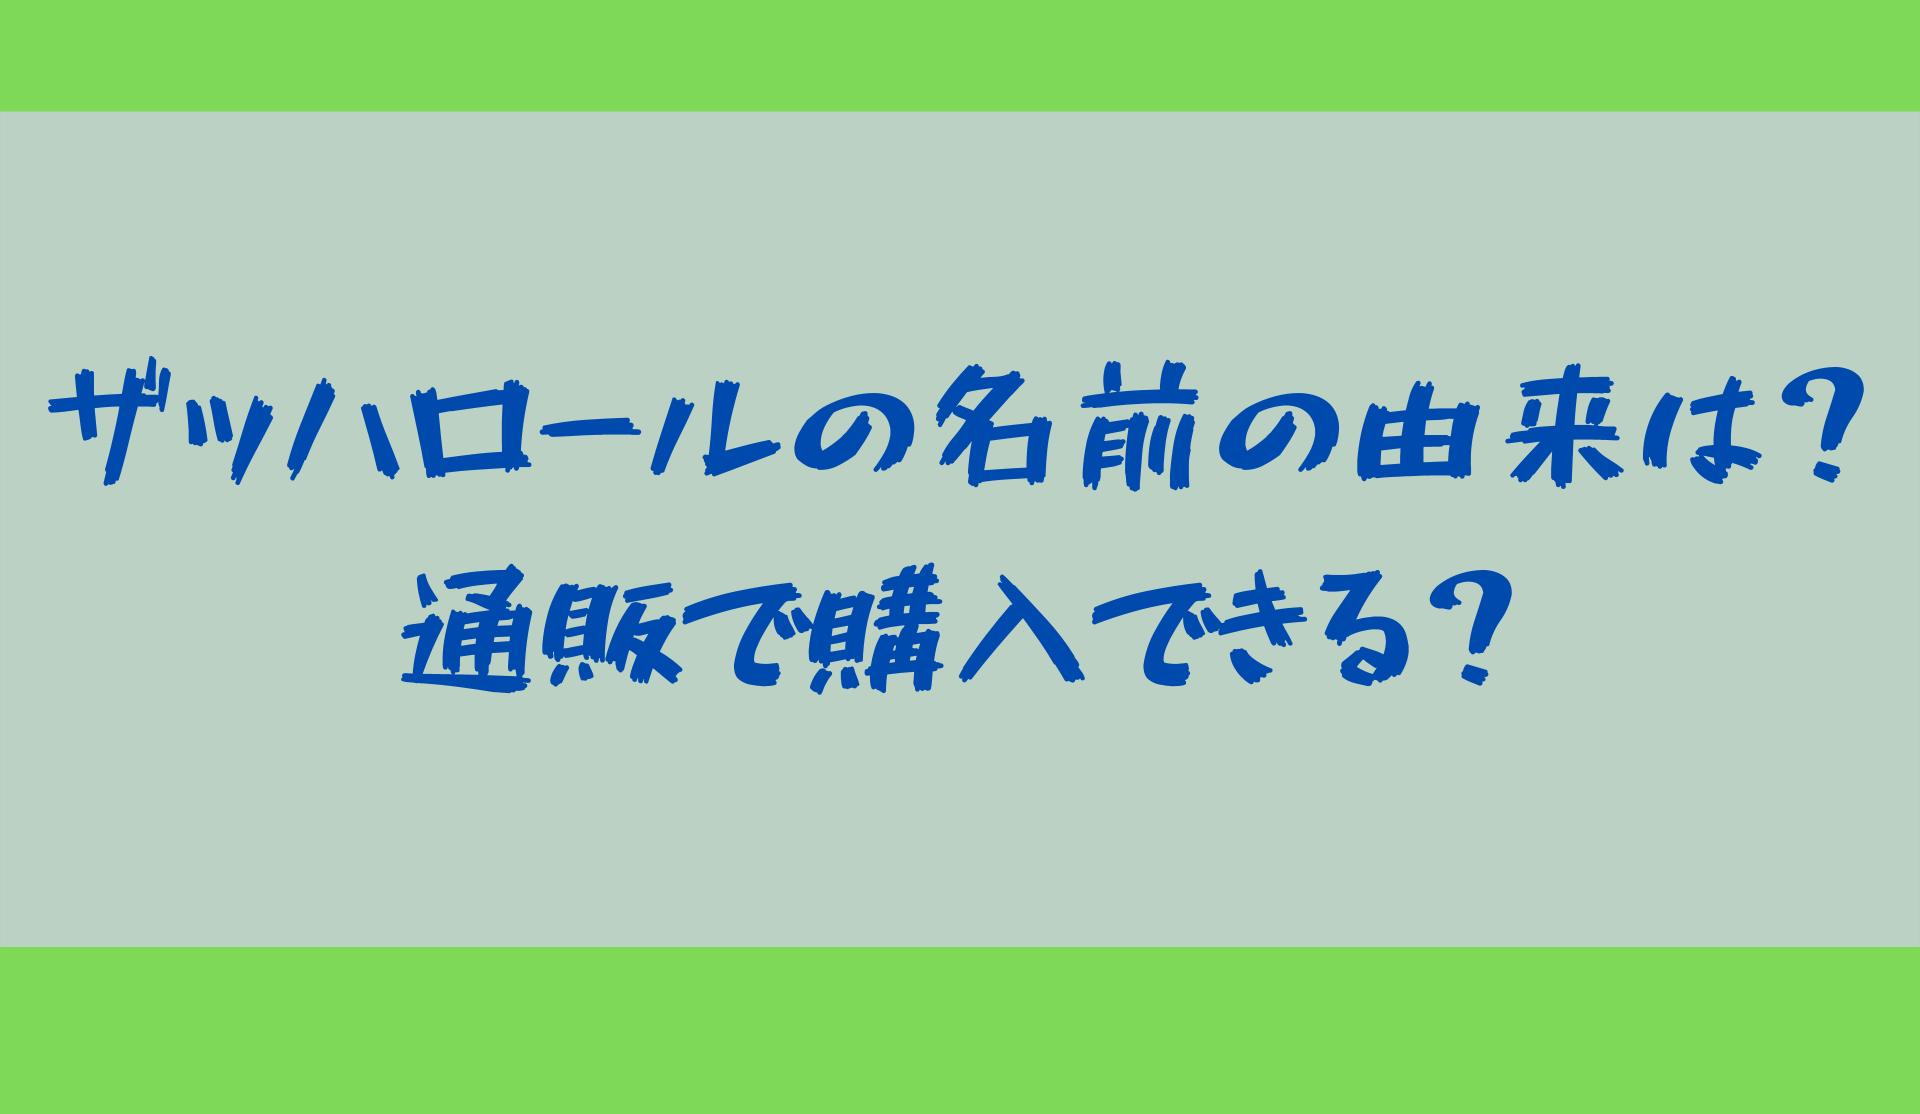 ザッハロール【火曜サプライズ】